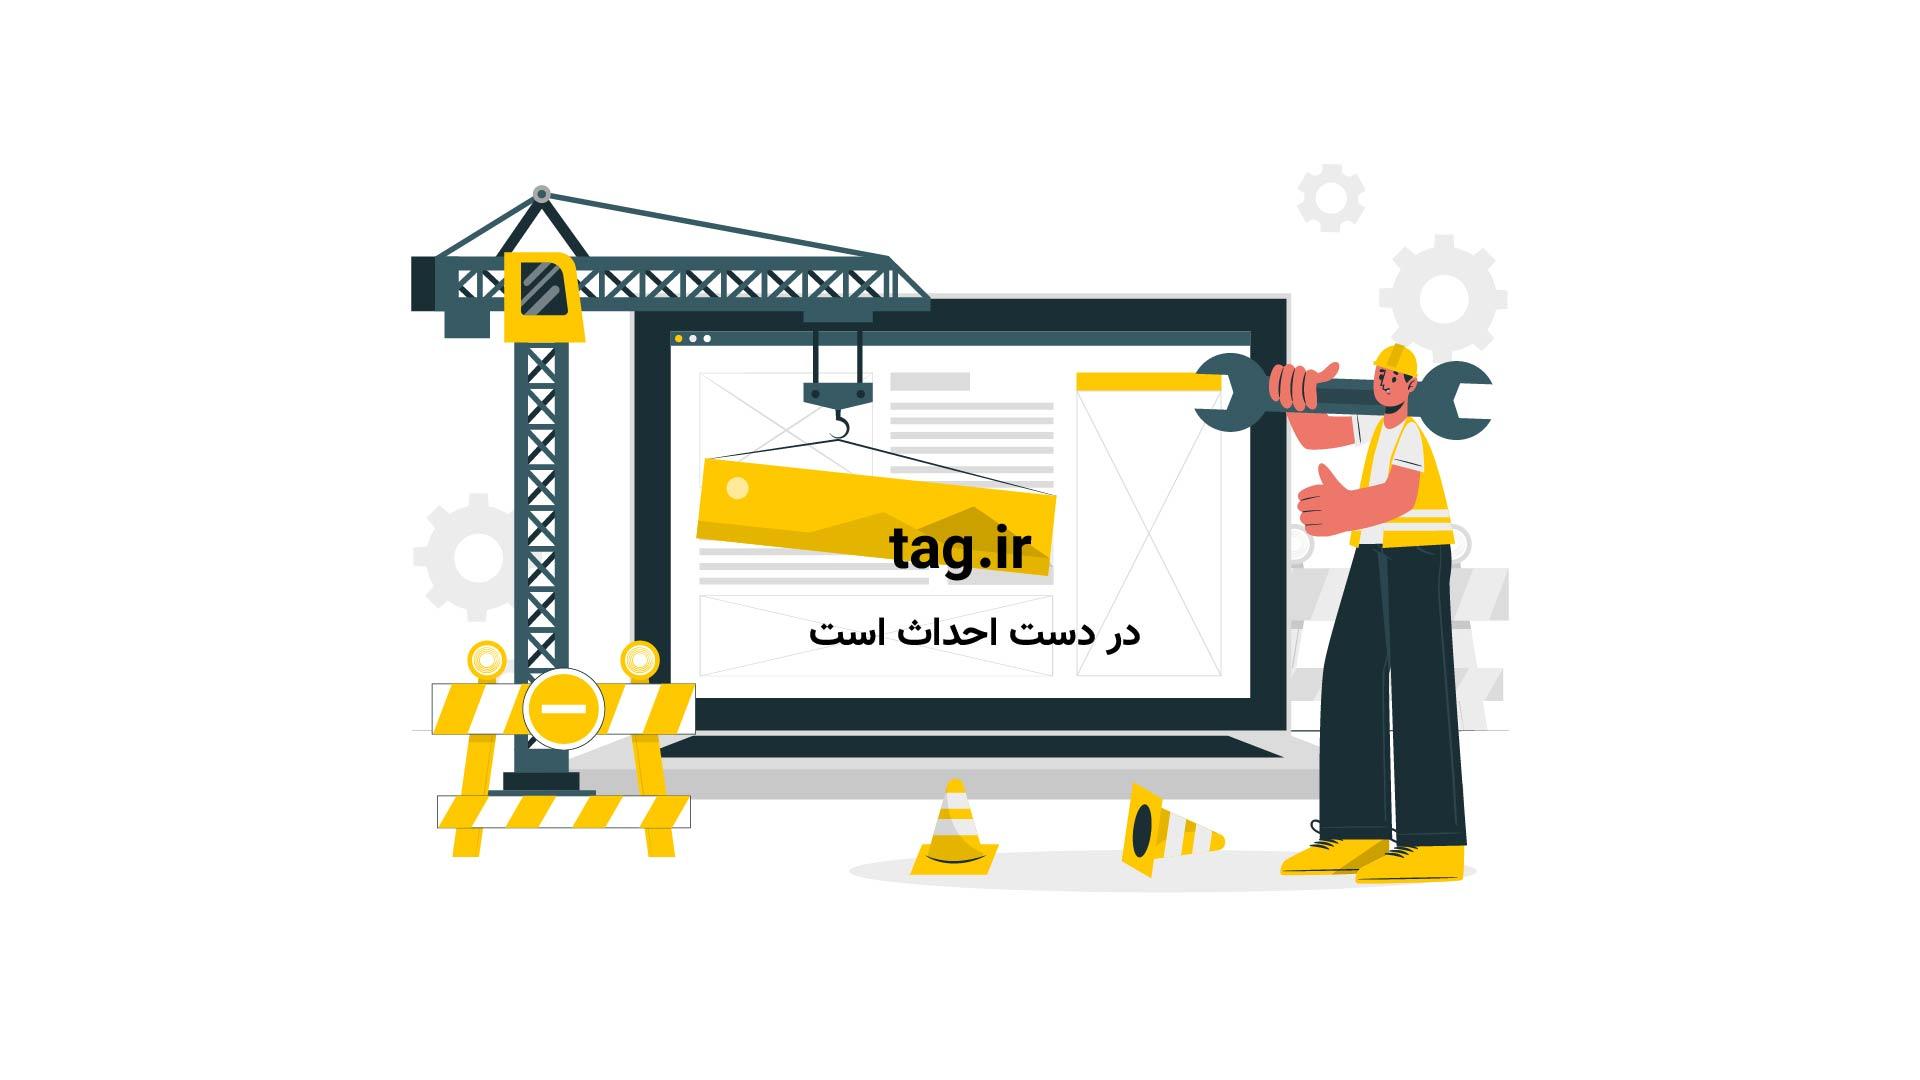 صحبت های دکتر روحانی پیش از حضور در مجمع عمومی سازمان ملل متحد | فیلم